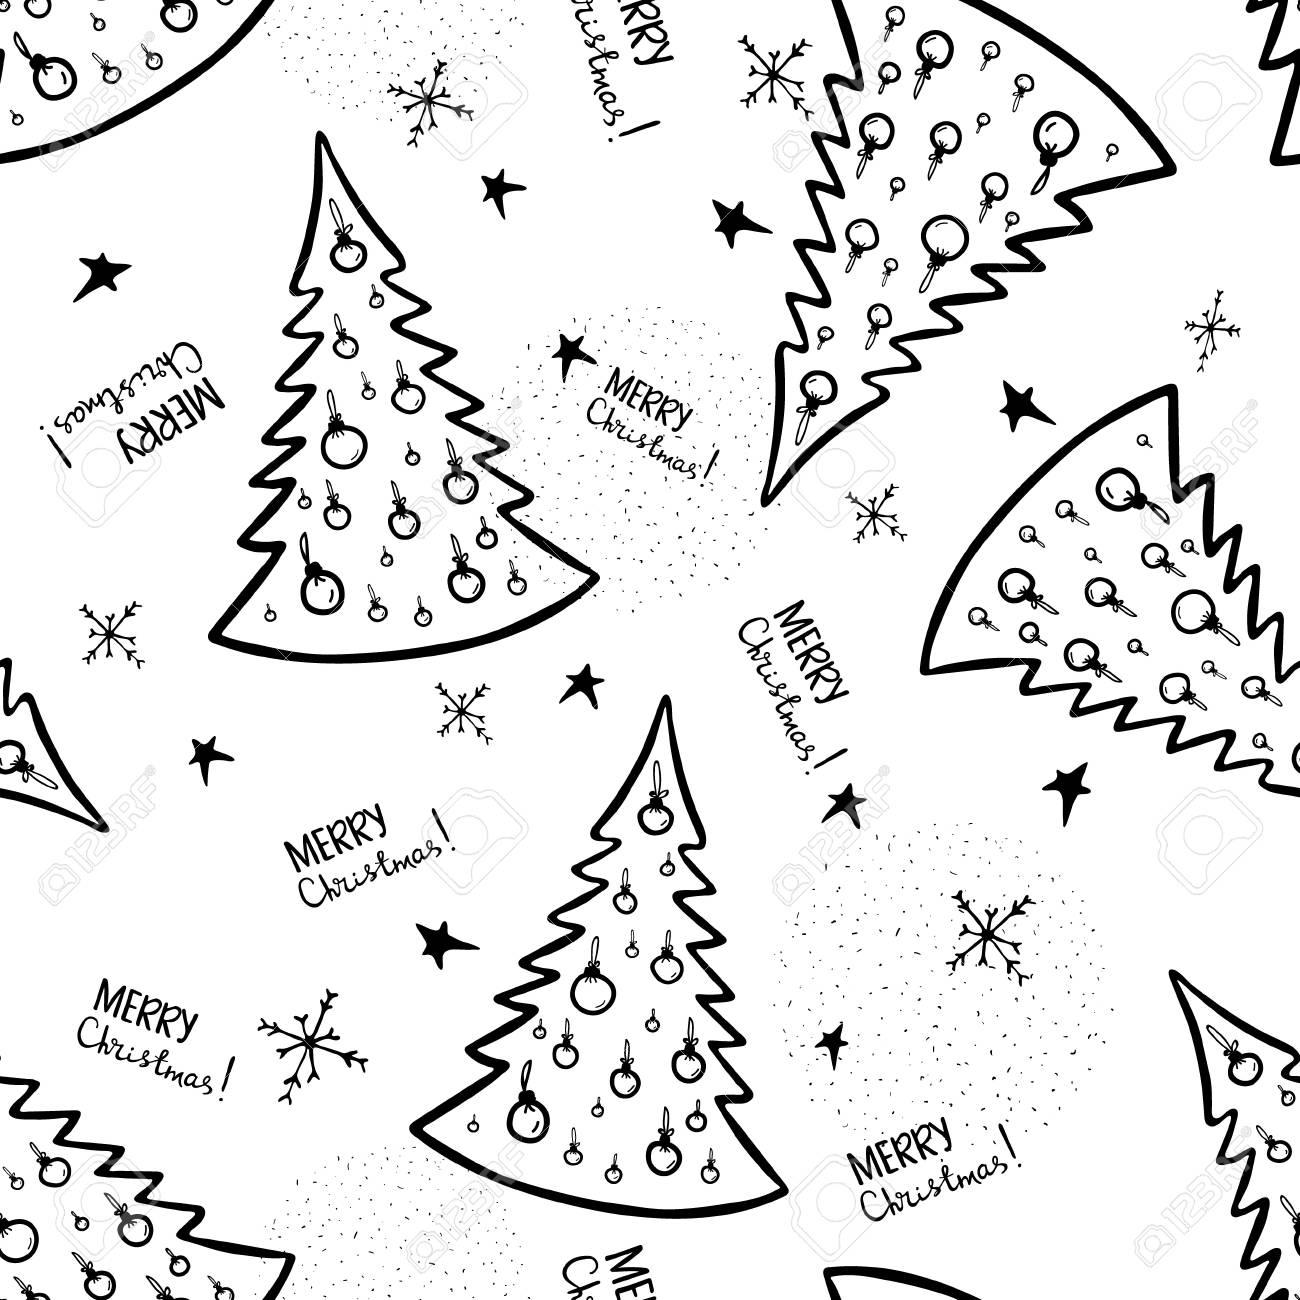 Dibujos De Arboles De Navidad Pintados.Arboles De Navidad Ilustracion Para Un Papel De Embalaje Papel Pintado Dibujo En Blanco Y Negro Fondo Blanco Patron De Vector Transparente